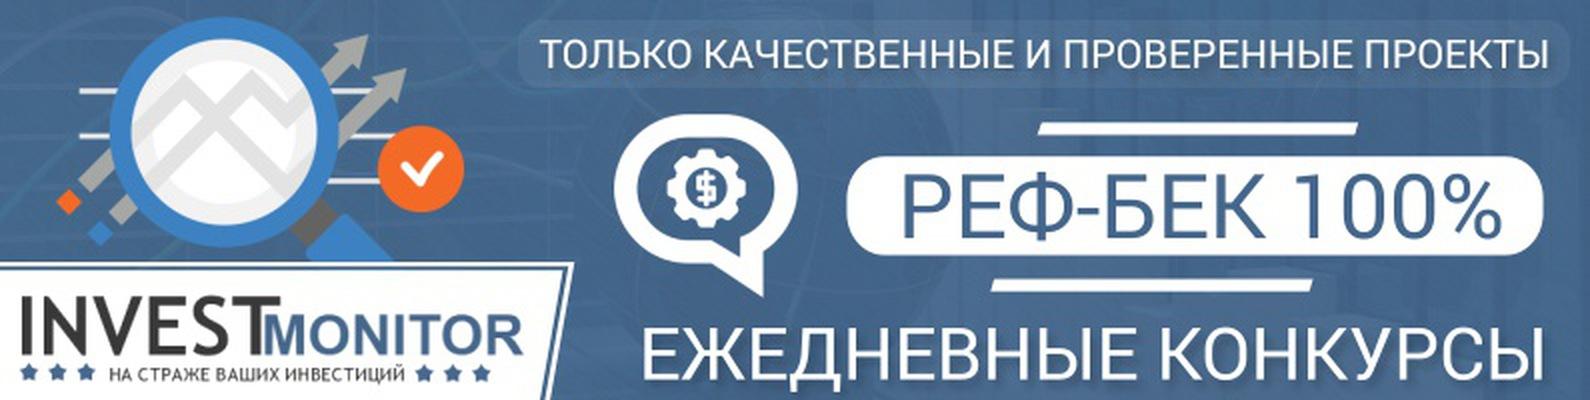 Мониторинг хайп сайтов отзывы